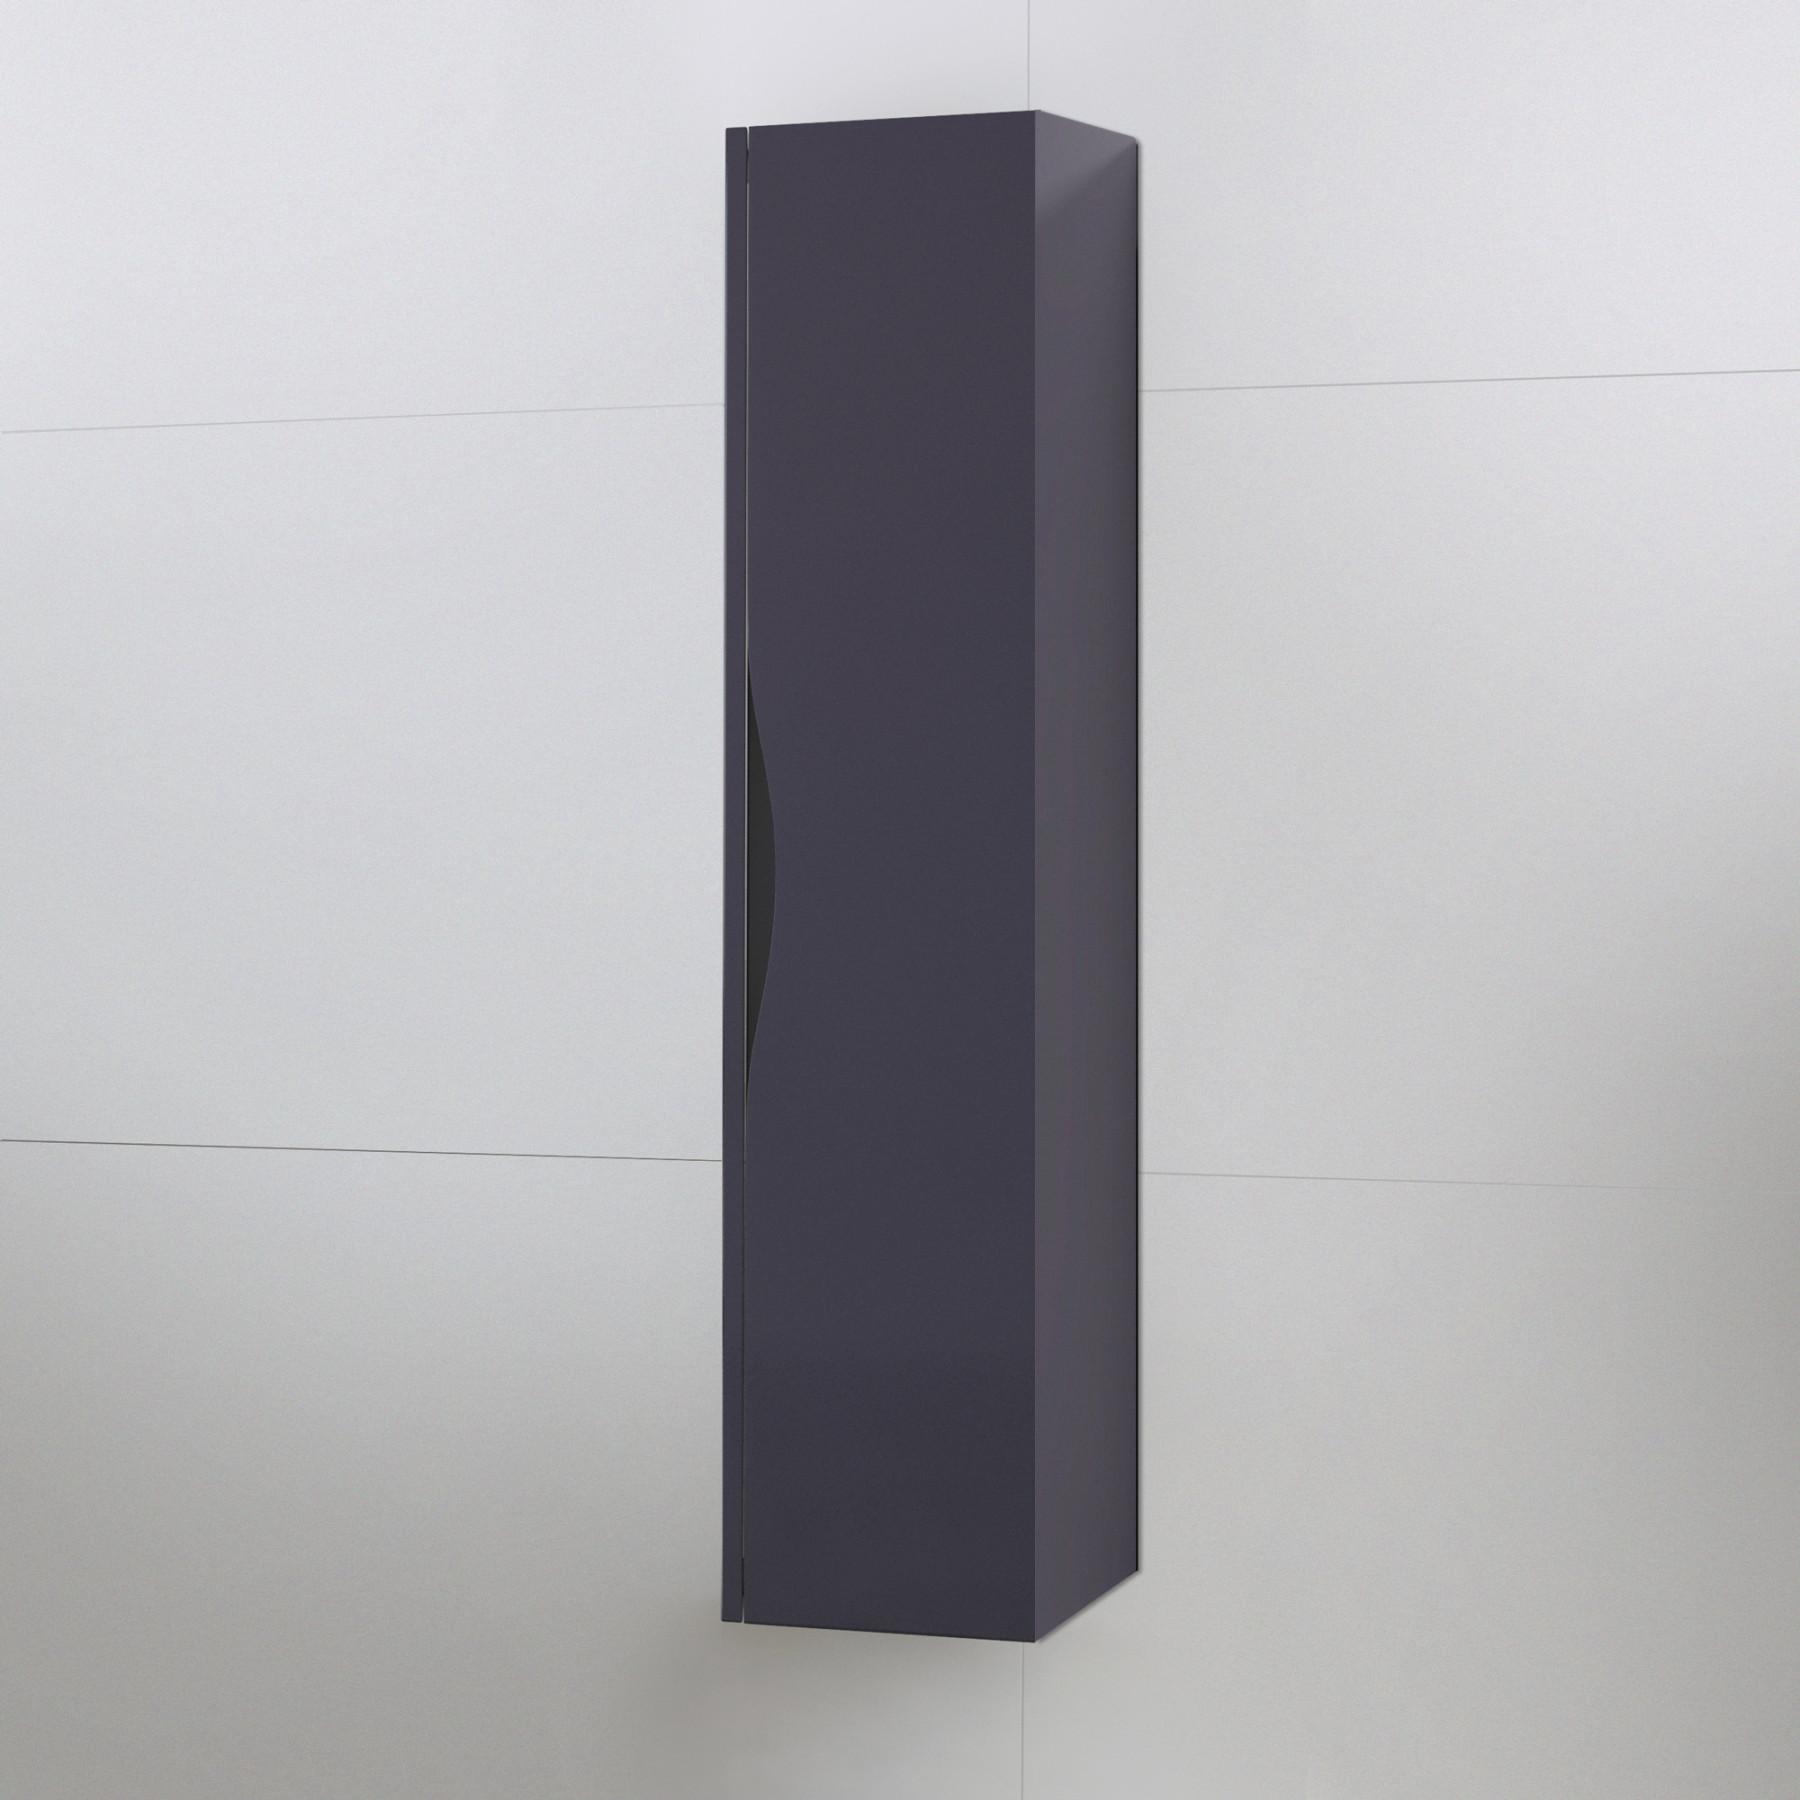 Шкаф-пенал Teneri 35 антрацит